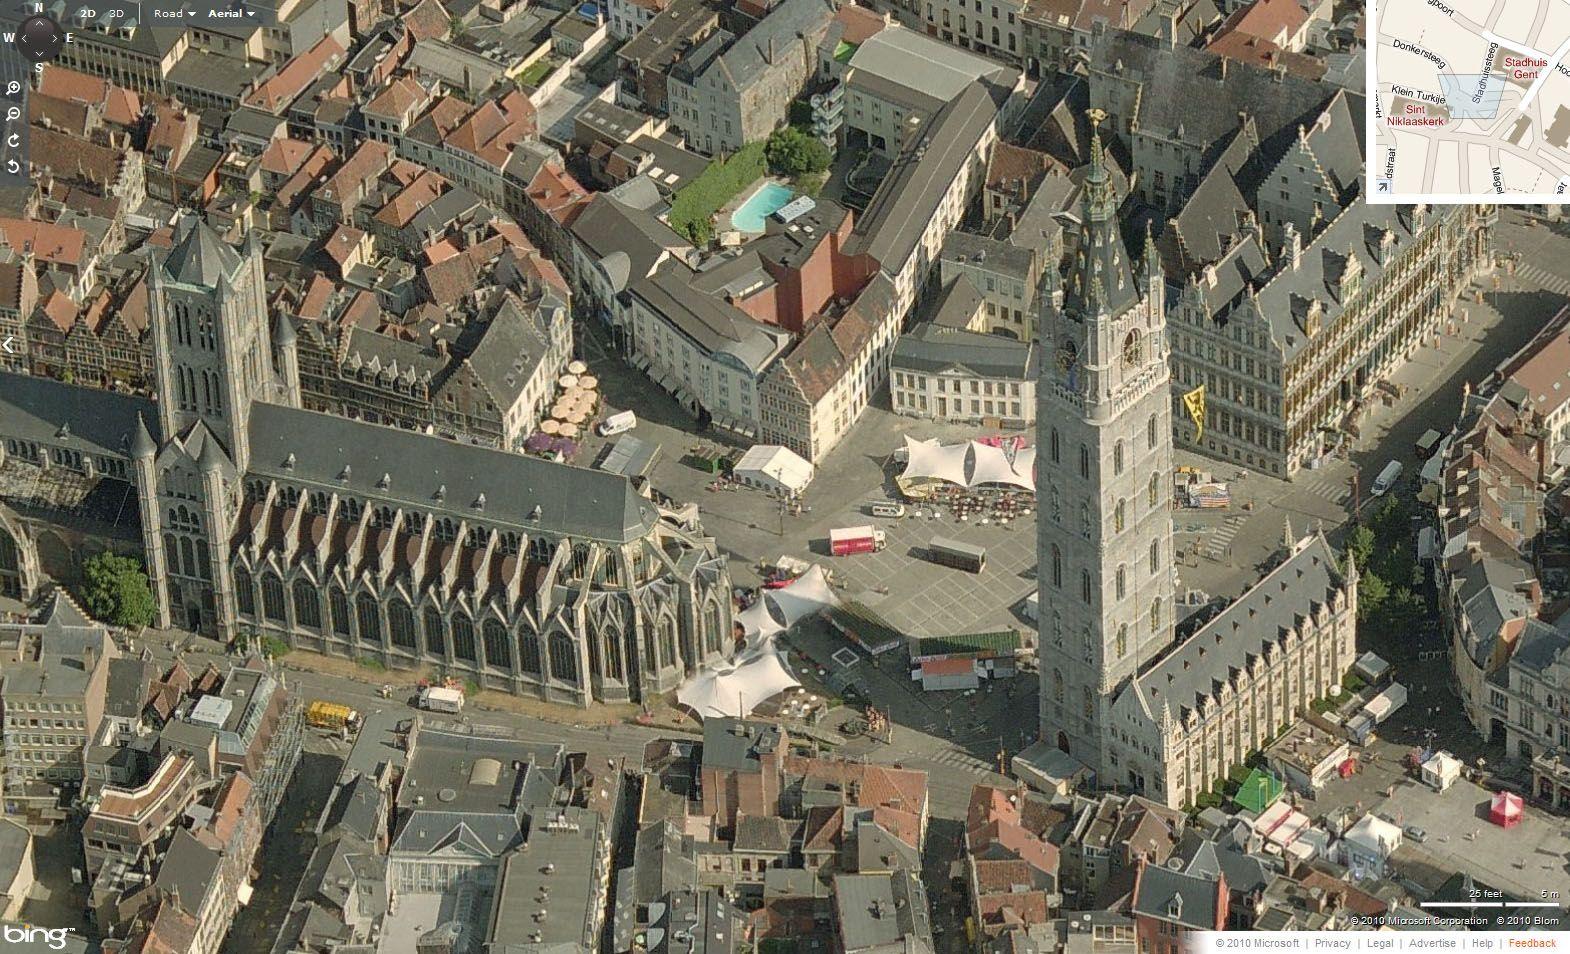 20100401_braunplein.jpg (1570×954)